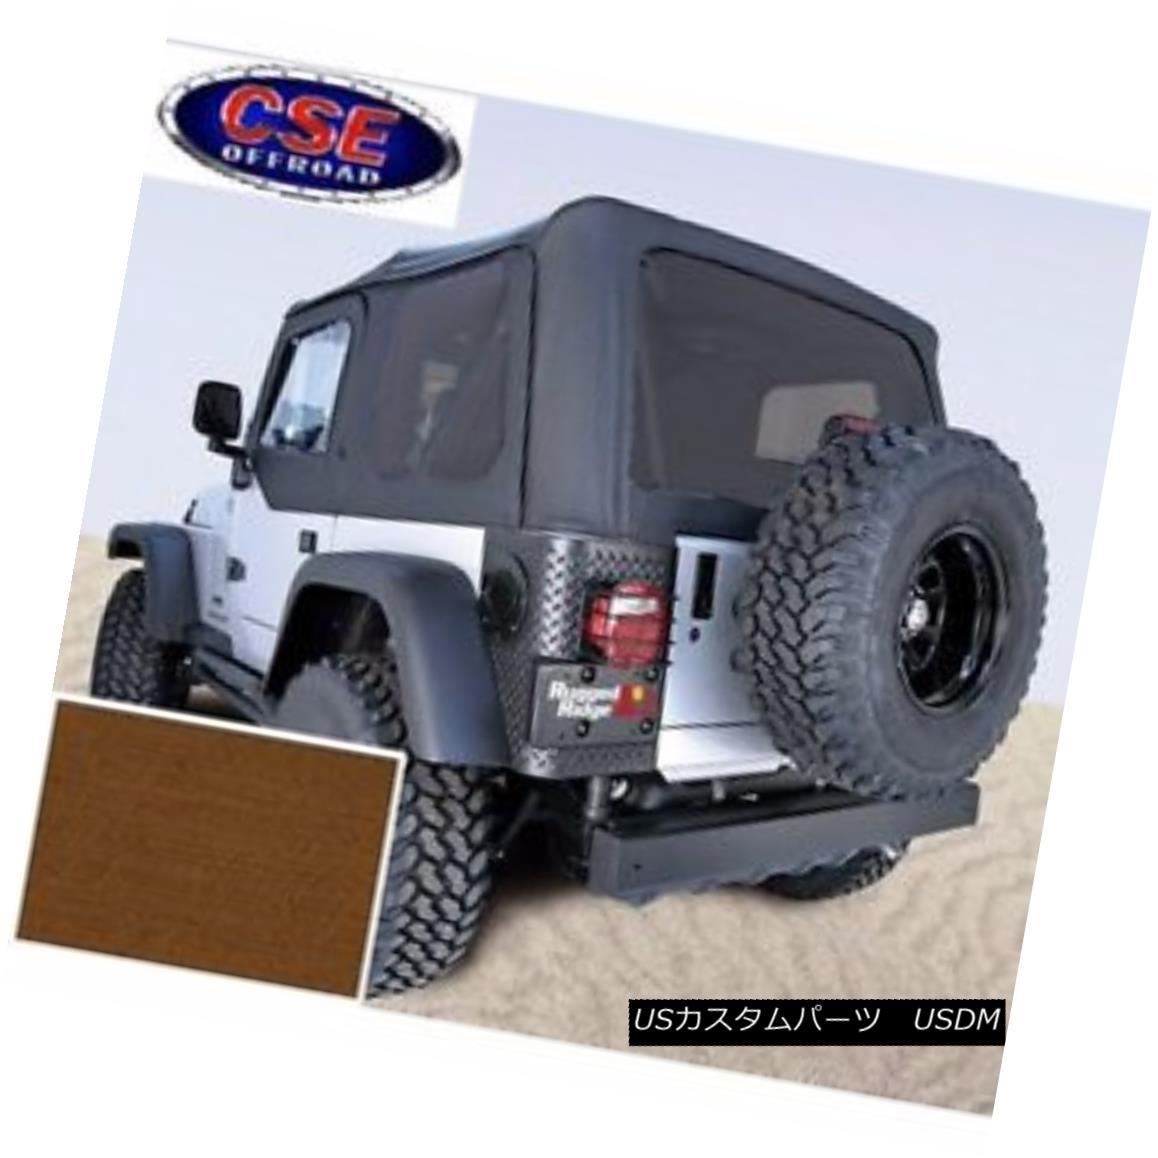 幌・ソフトトップ Soft Top Door Skins Dark Tan Tinted Windows Jeep Wrangler TJ 97-02 13704.33 ソフトトップドアスキンダークタンティントドウィンドウジープラングラーTJ 97-02 13704.33